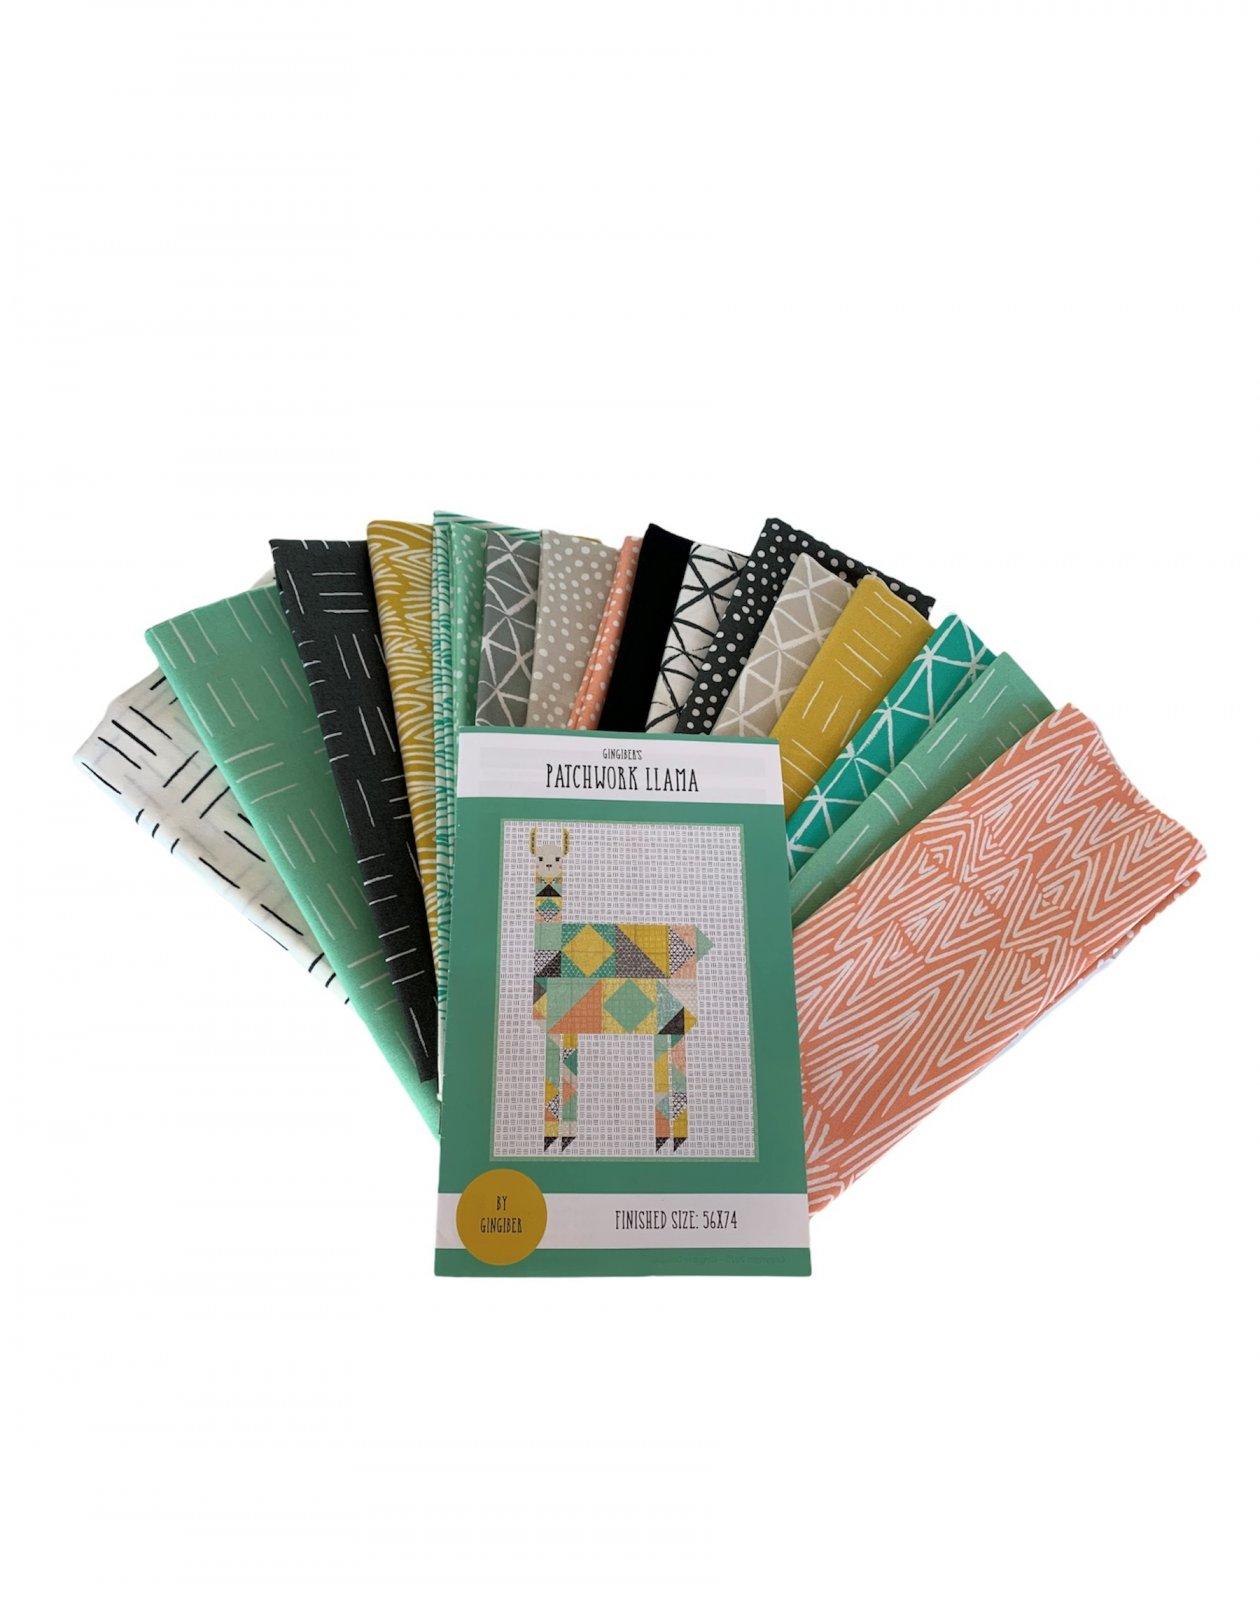 Patchwork Quilt Llama Kit